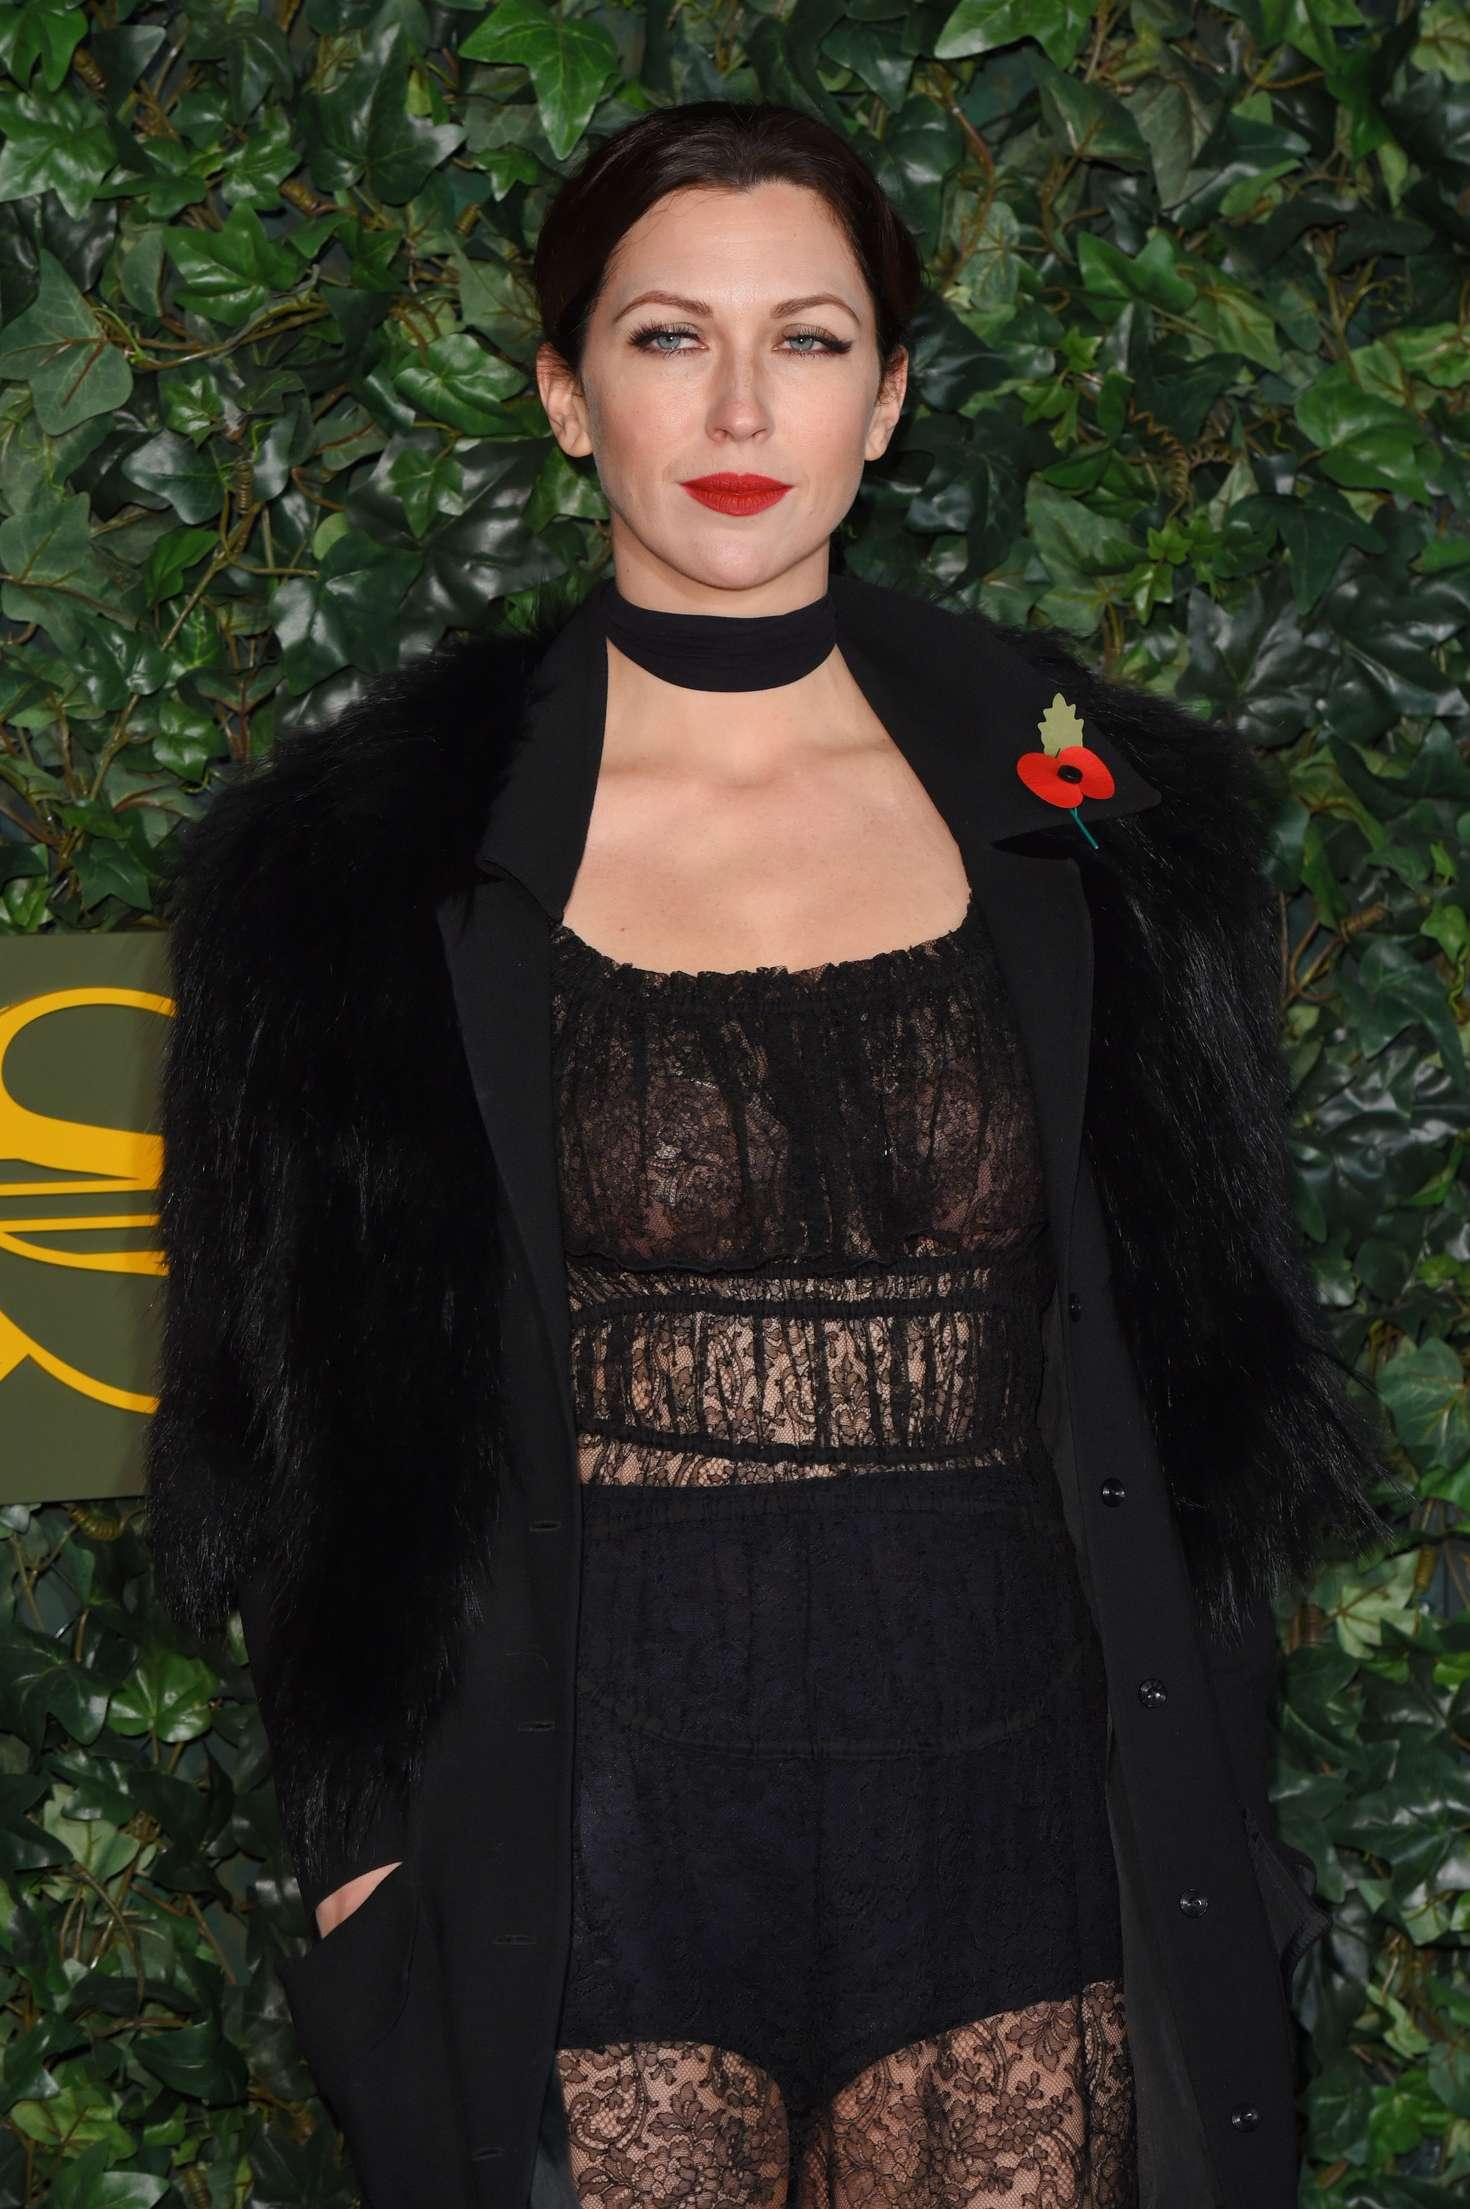 Margo Stilley - Evening Standard Theatre Awards 2016 in London